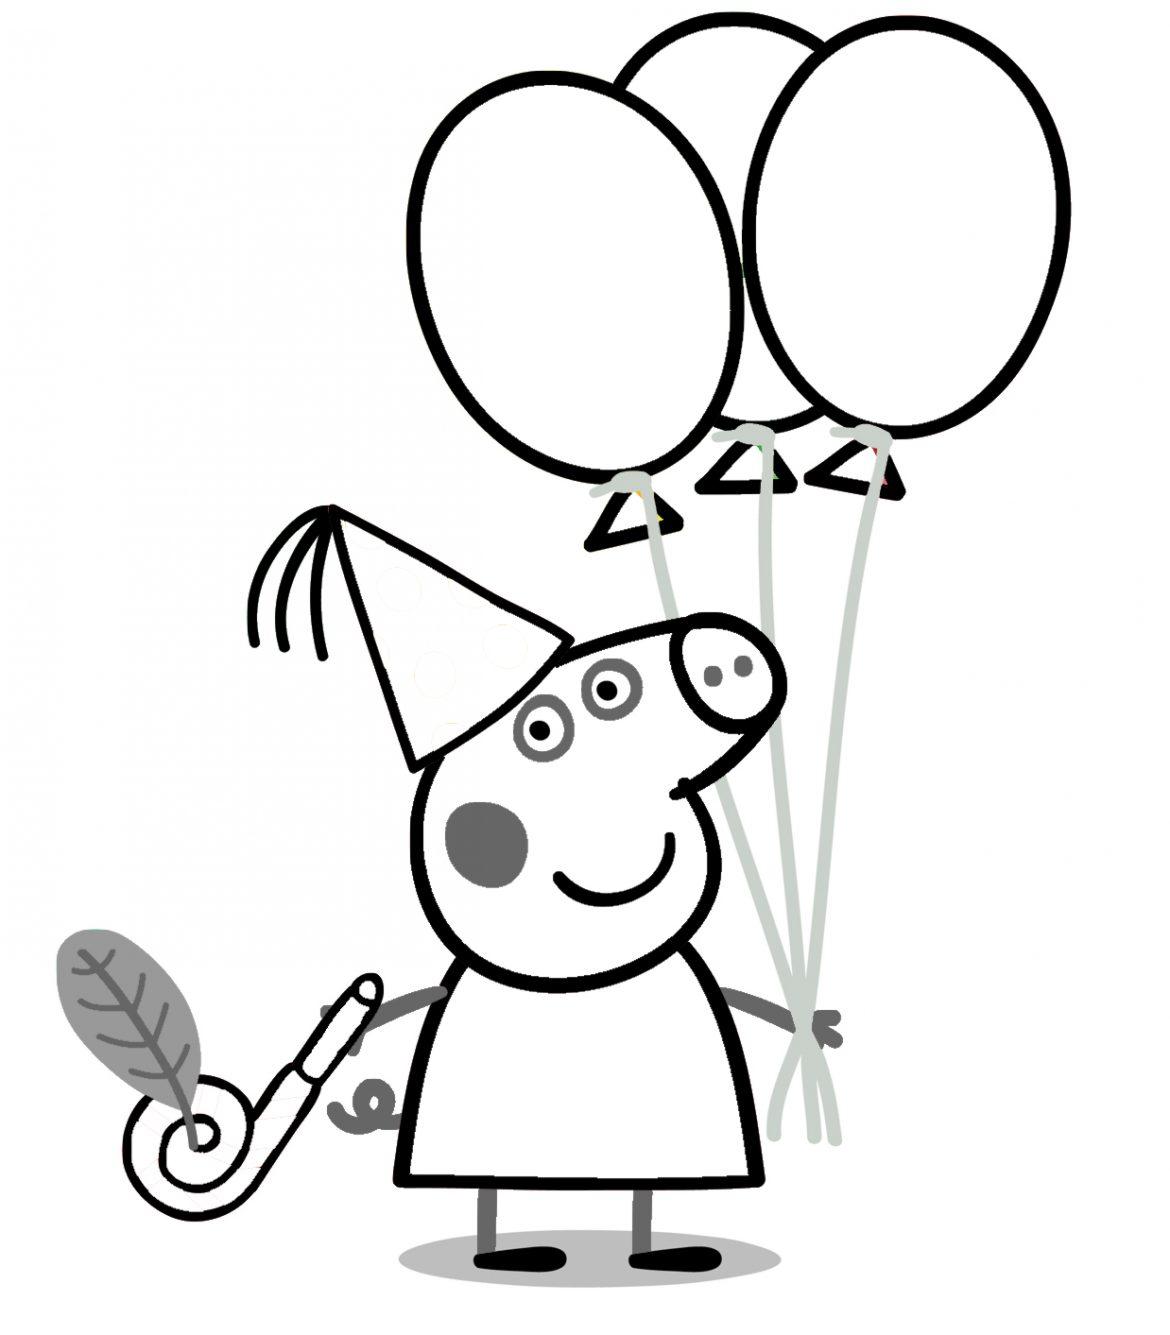 Dibujos de peppa pig para imprimir tamaño folio, masquelibros